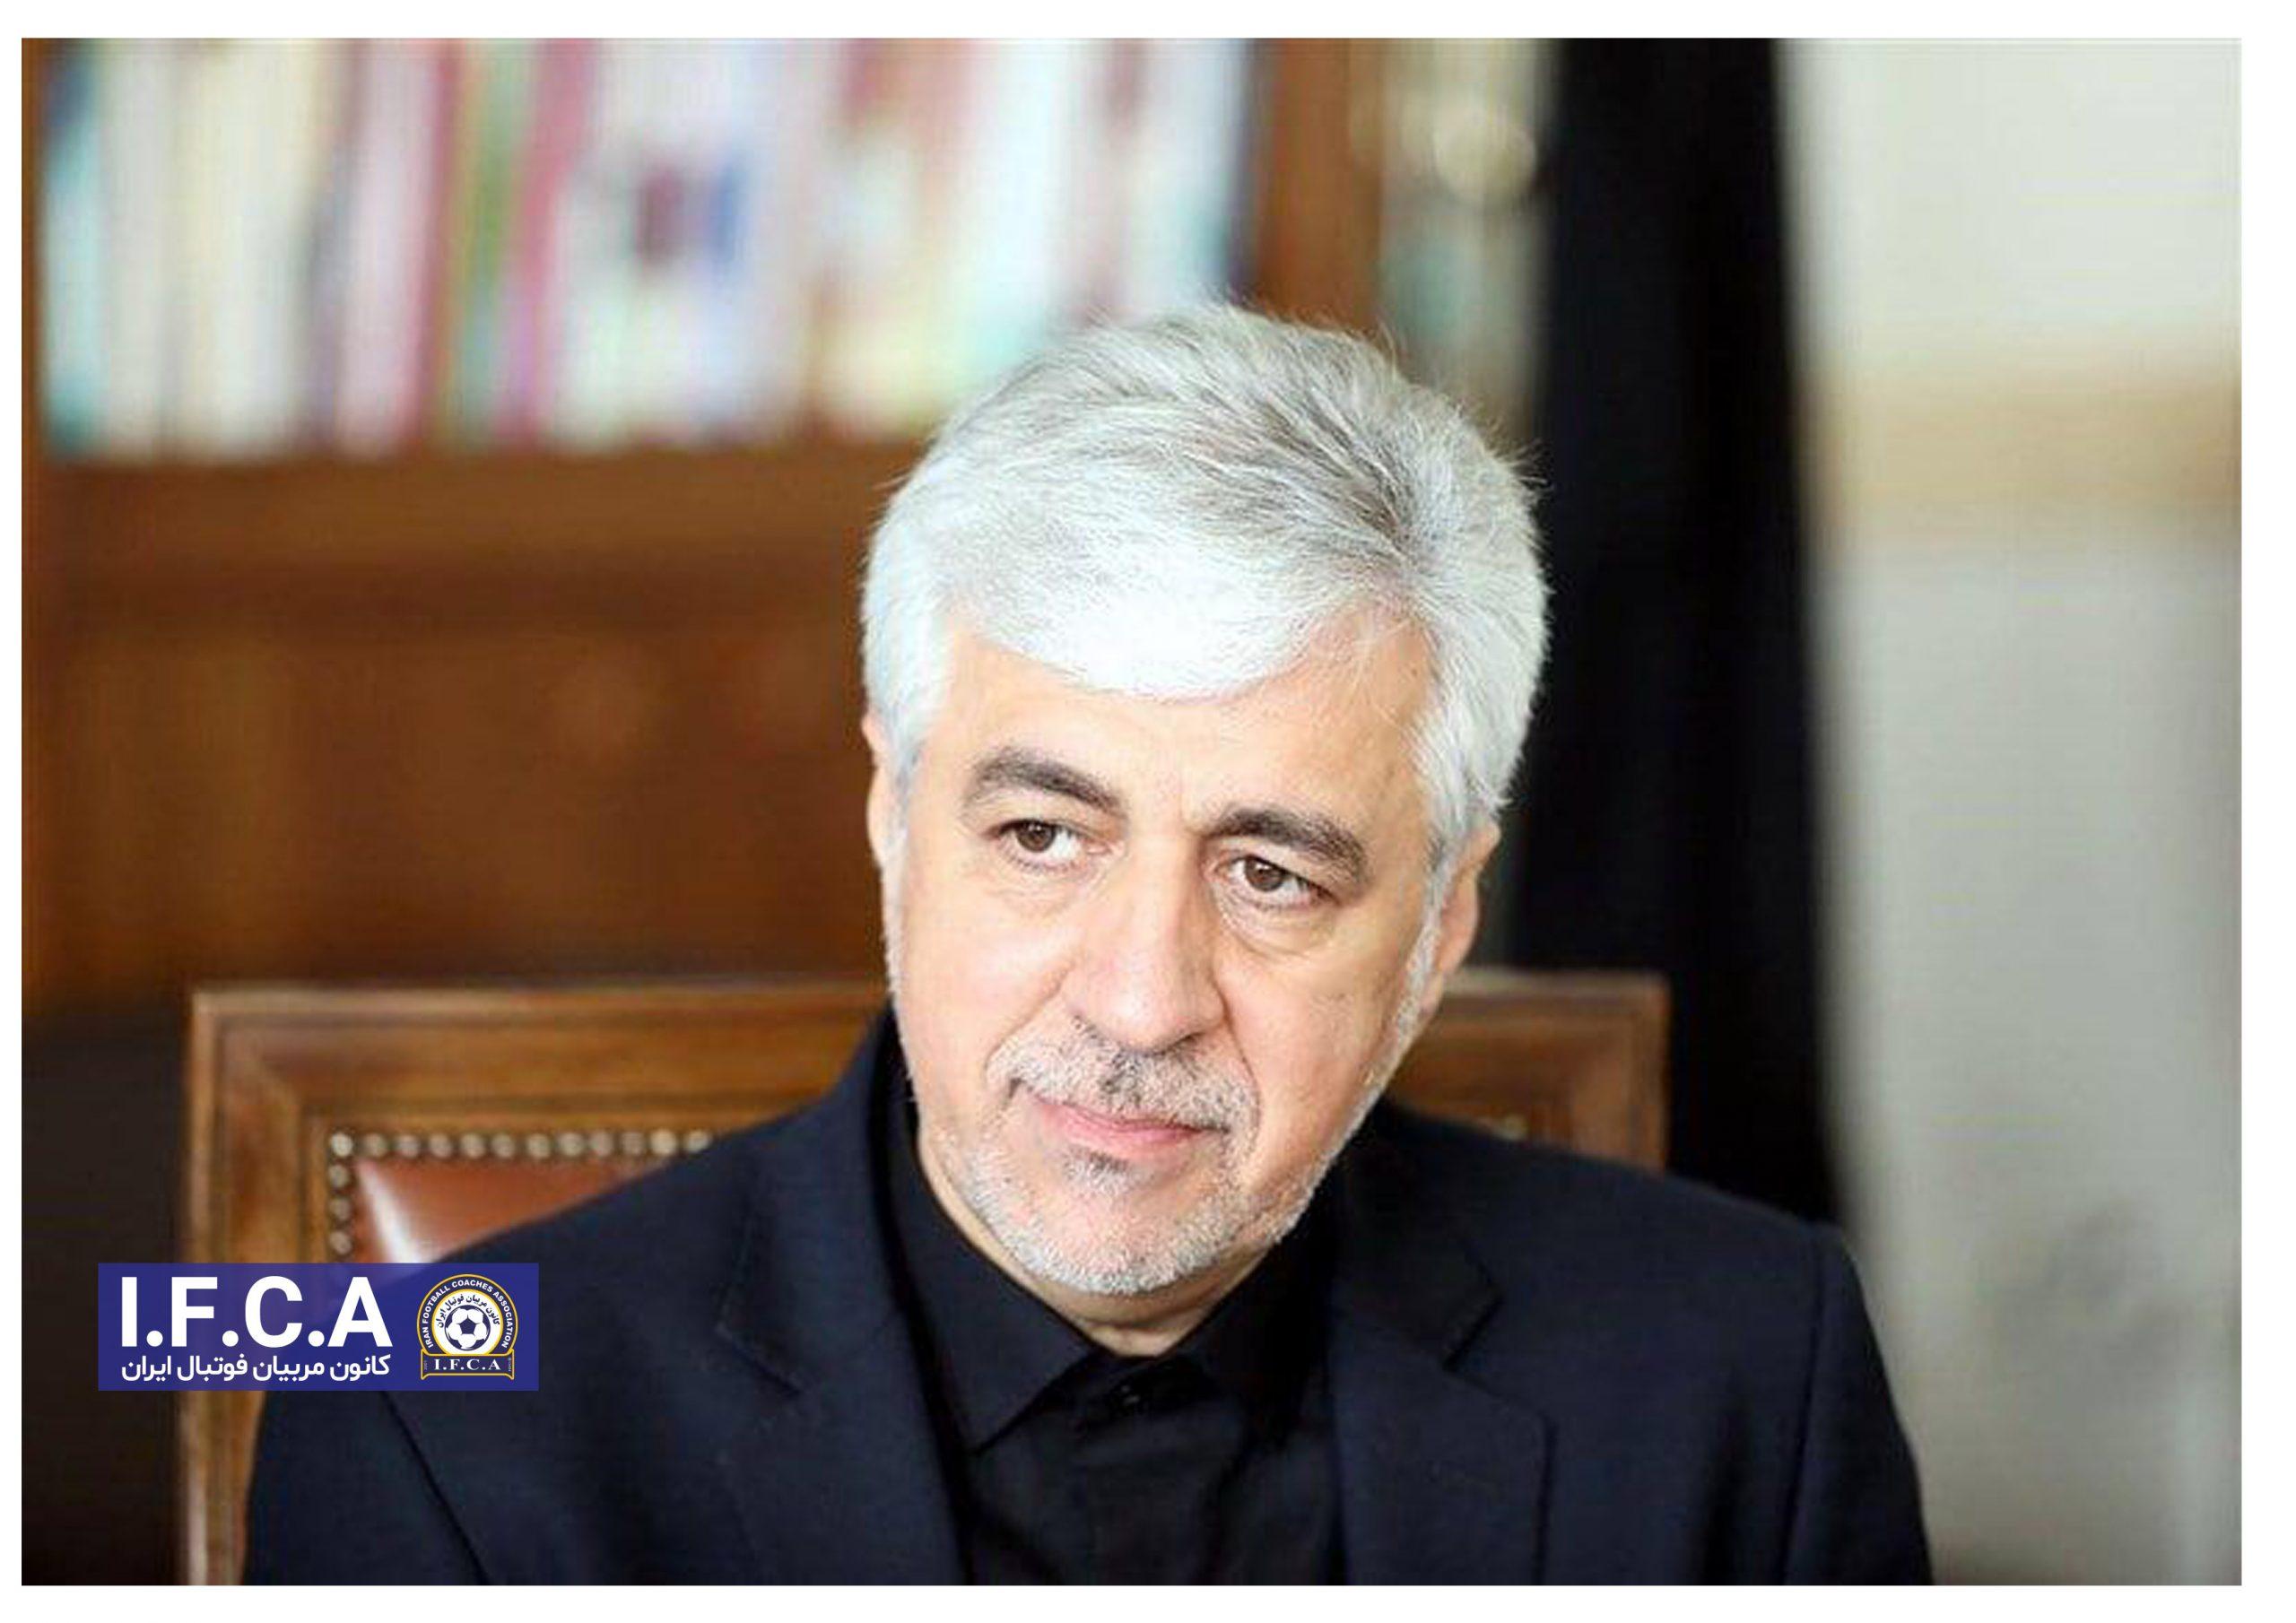 واکنش کانون مربیان فوتبال ایران به انتخاب دکتر حمید سجادی